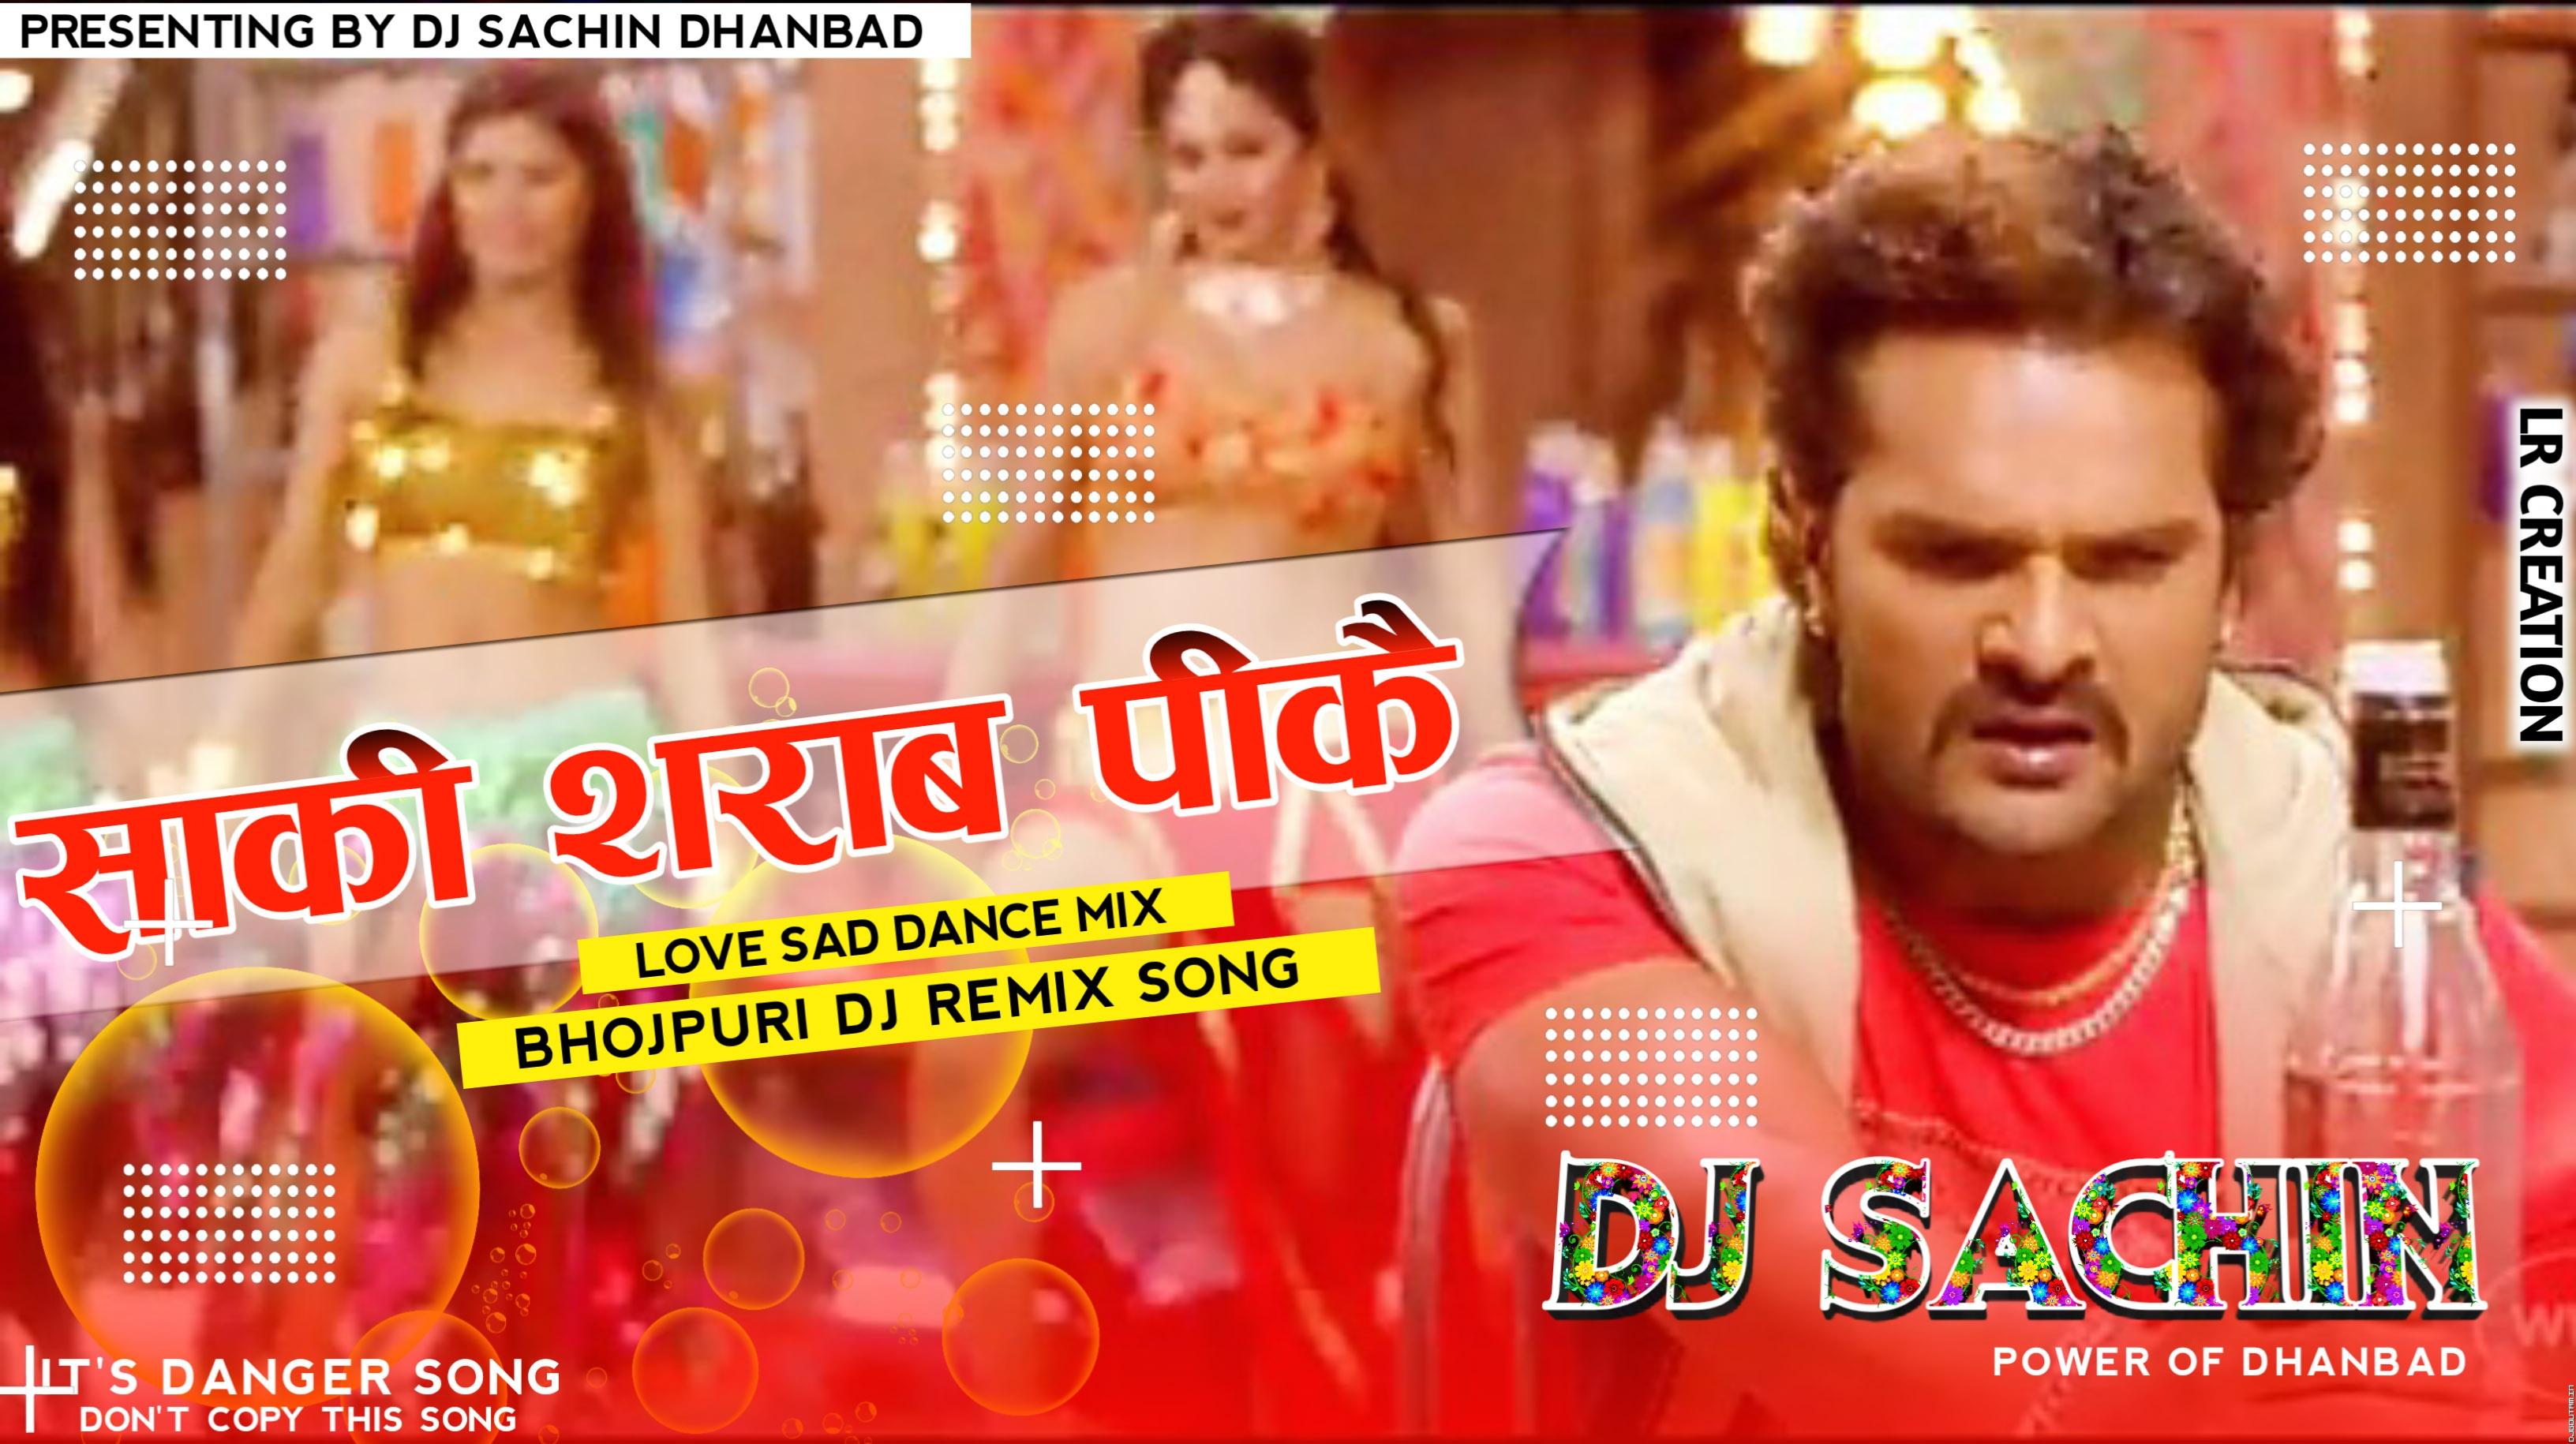 Saqi Sharab Pi Ke_Love Sad Dance Mix_By Dj Sachin Dhanbad.mp3